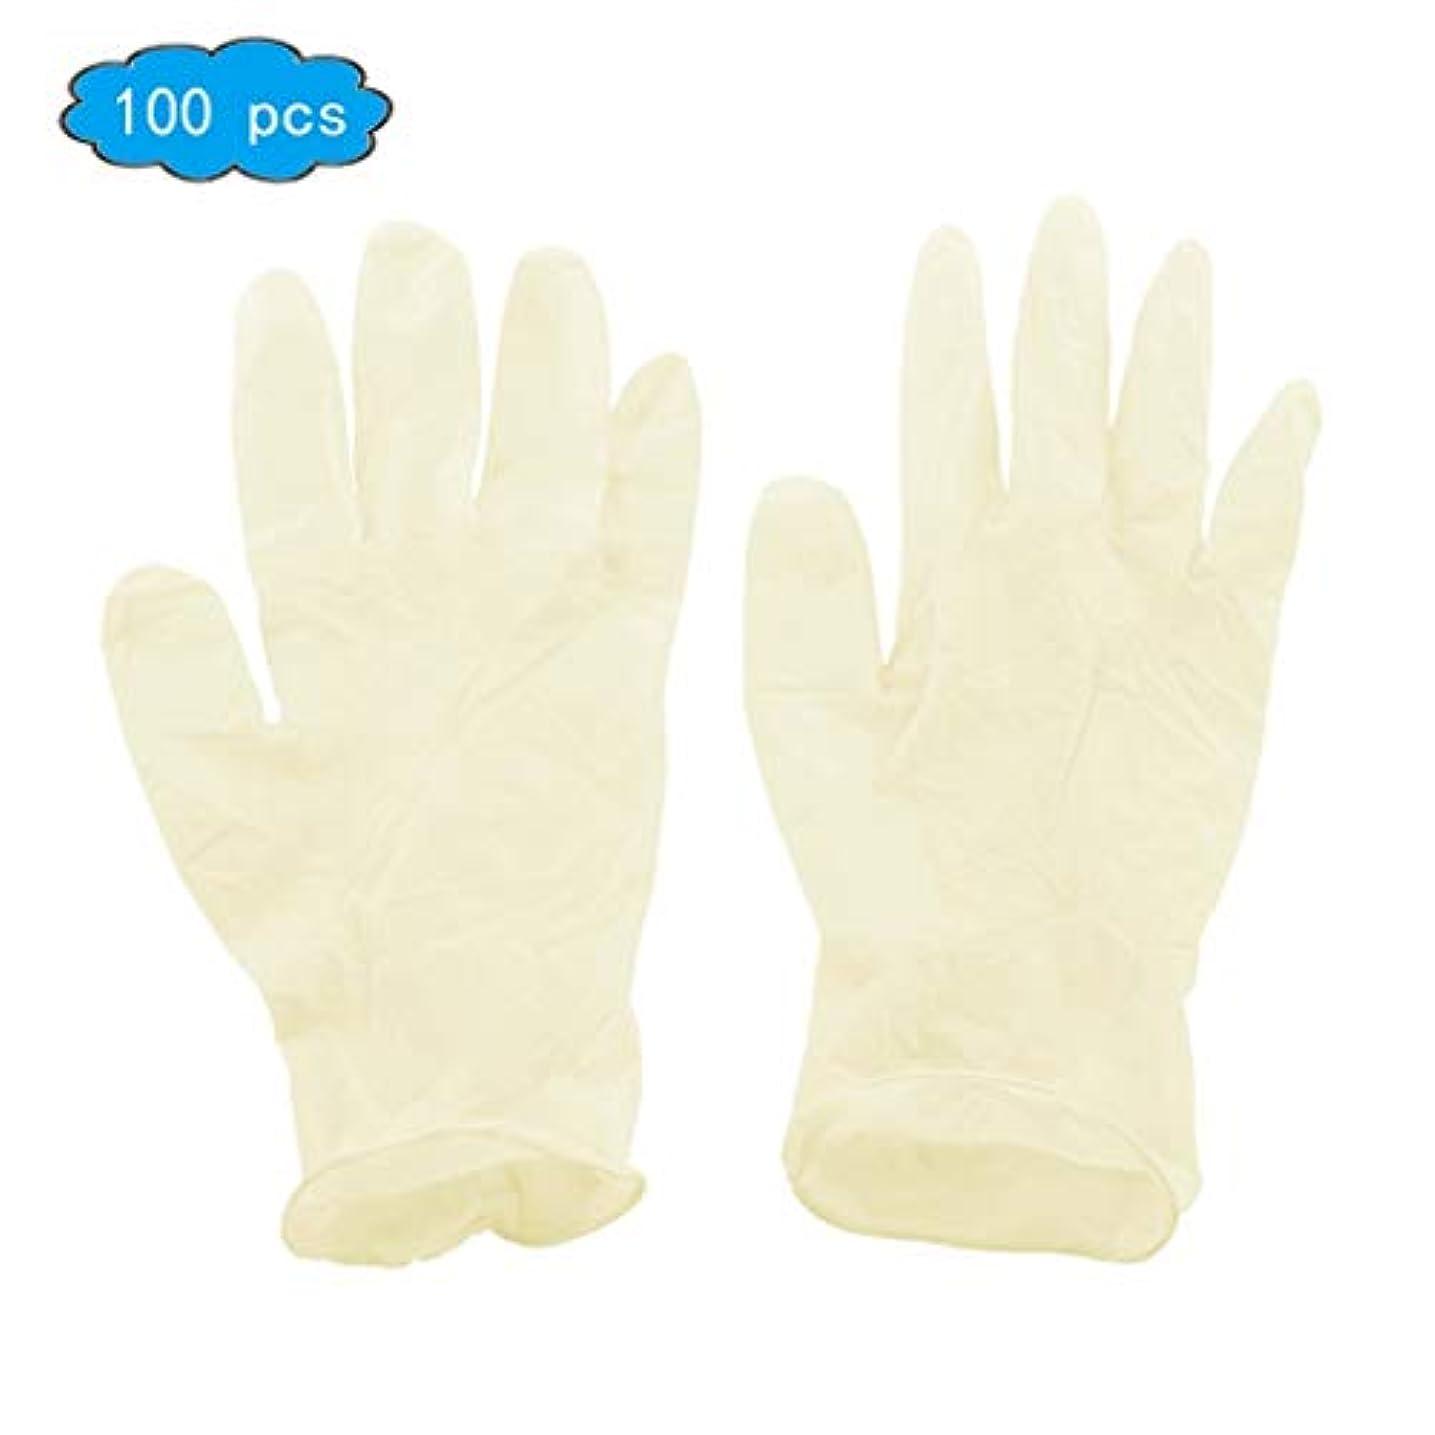 シェフ一時的以降使い捨て手袋 - 医療用、パウダーフリー、ラテックスゴム、使い捨て、非滅菌、食品安全、テクスチャード加工、(便利なディスペンサーパック100)、中サイズ、応急処置用品 (Color : Beige, Size : M)